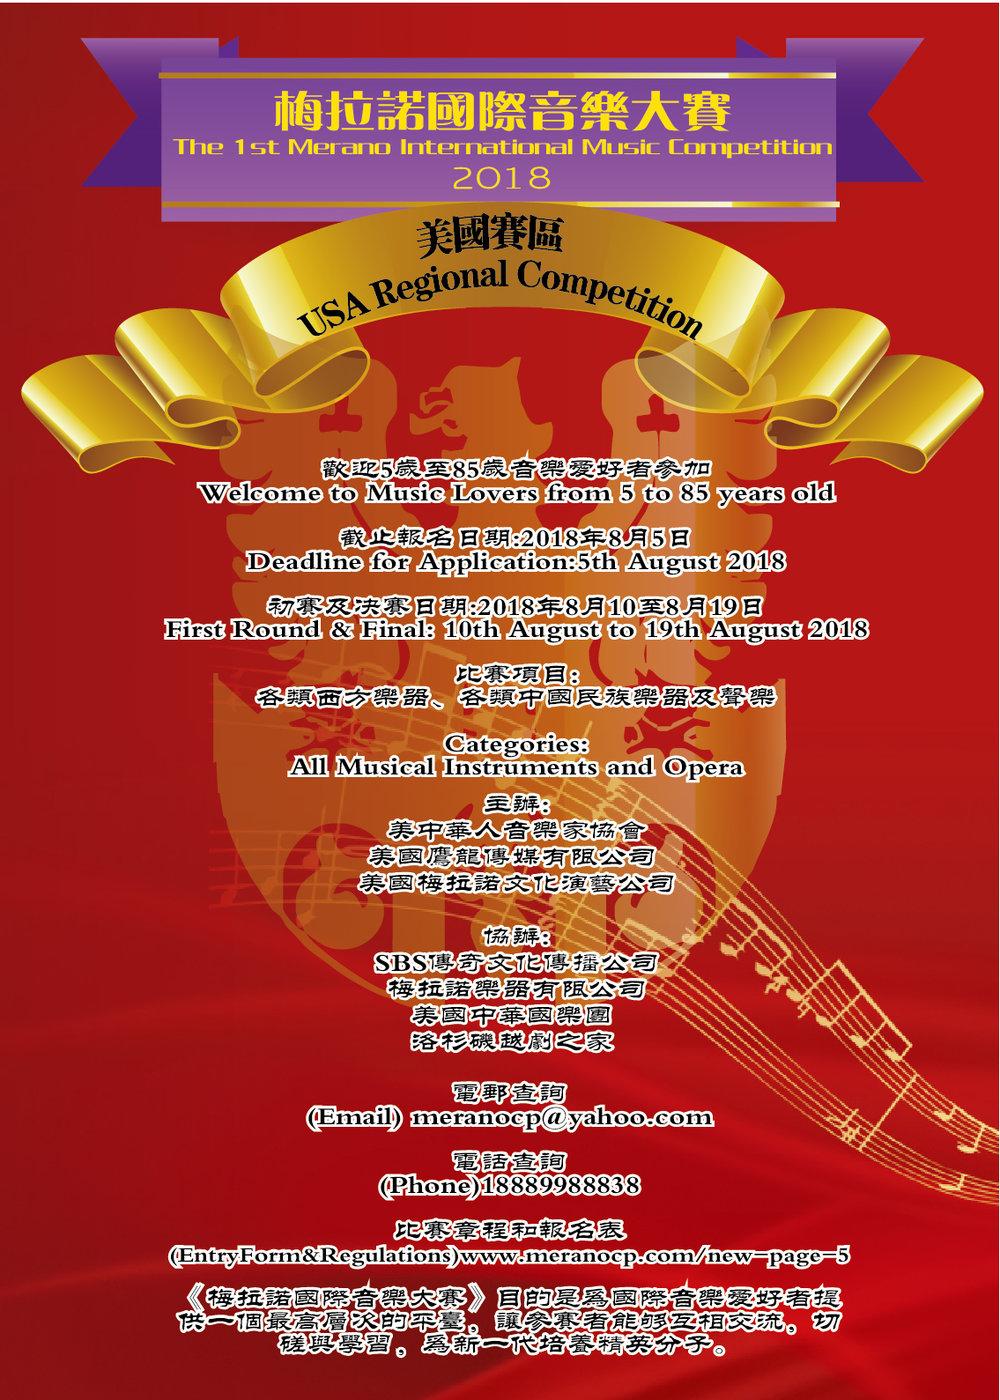 梅拉诺国际音乐大赛组织委员会 ( 联合承办 )